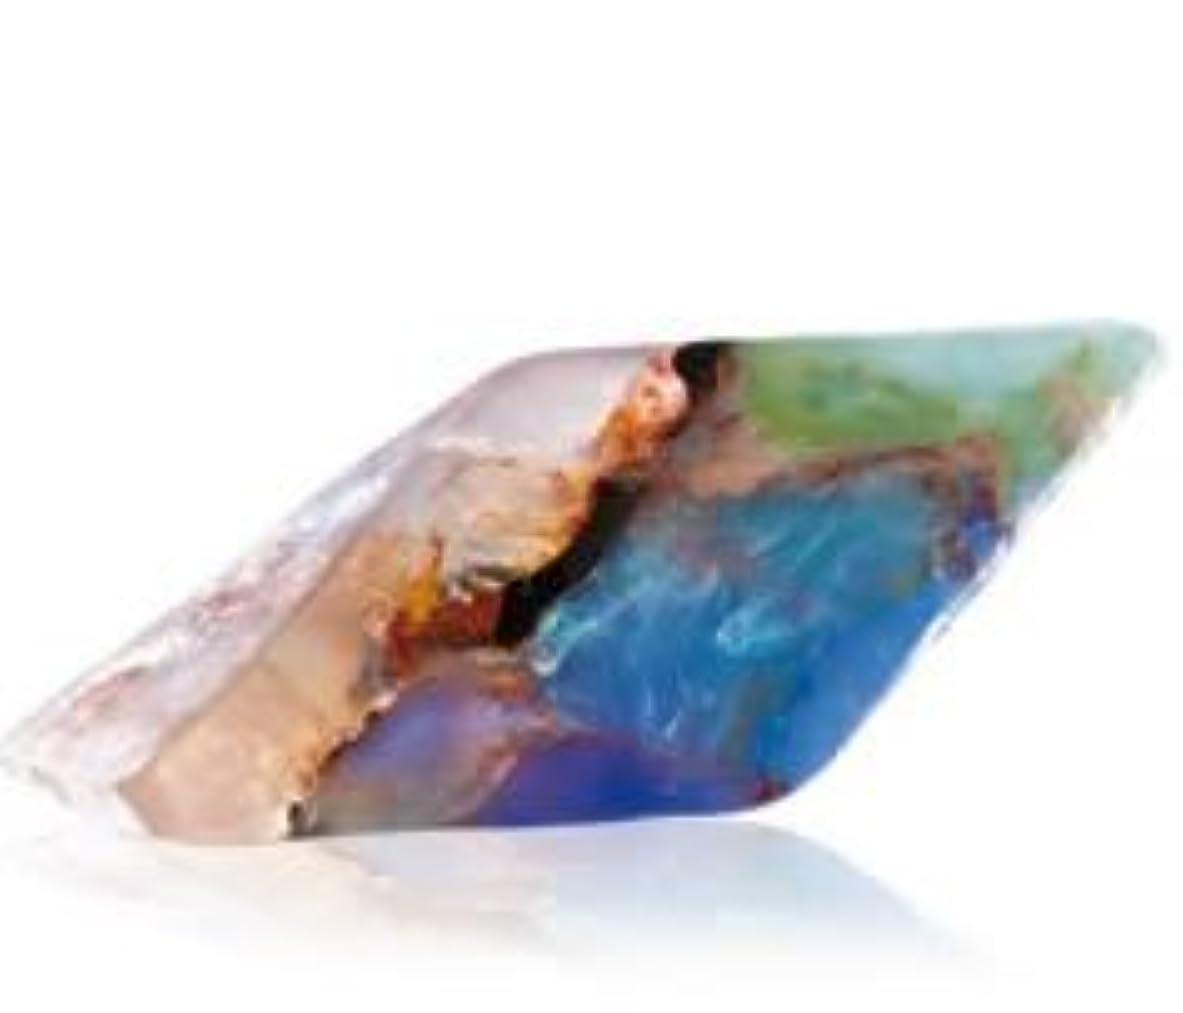 ディベートピルピルSavons Gemme サボンジェム 世界で一番美しい宝石石鹸 フレグランスソープ ブラックオパール 170g